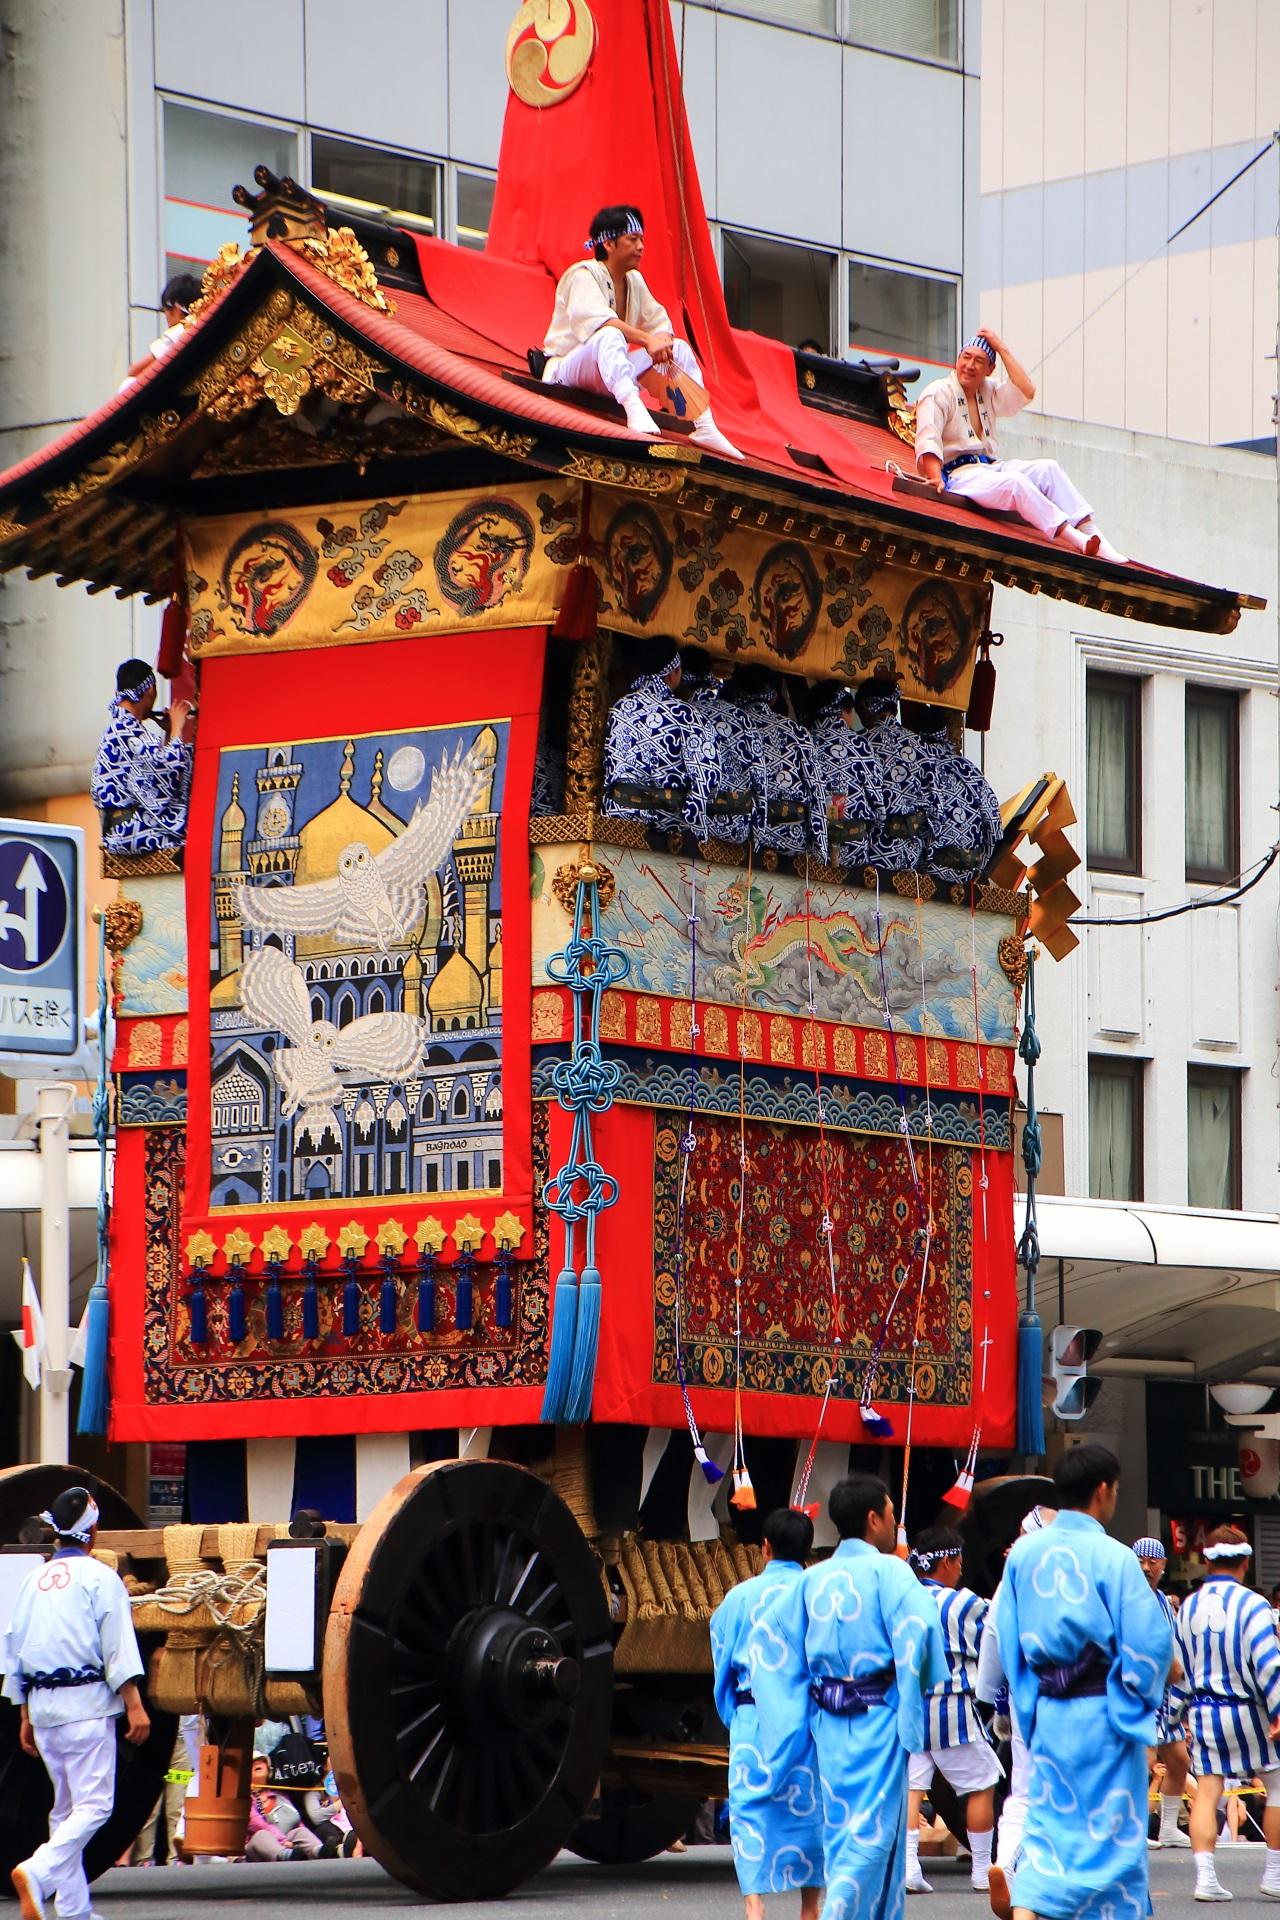 Yamahoko-Junkko Parade of the Kyoto Gion-Festival